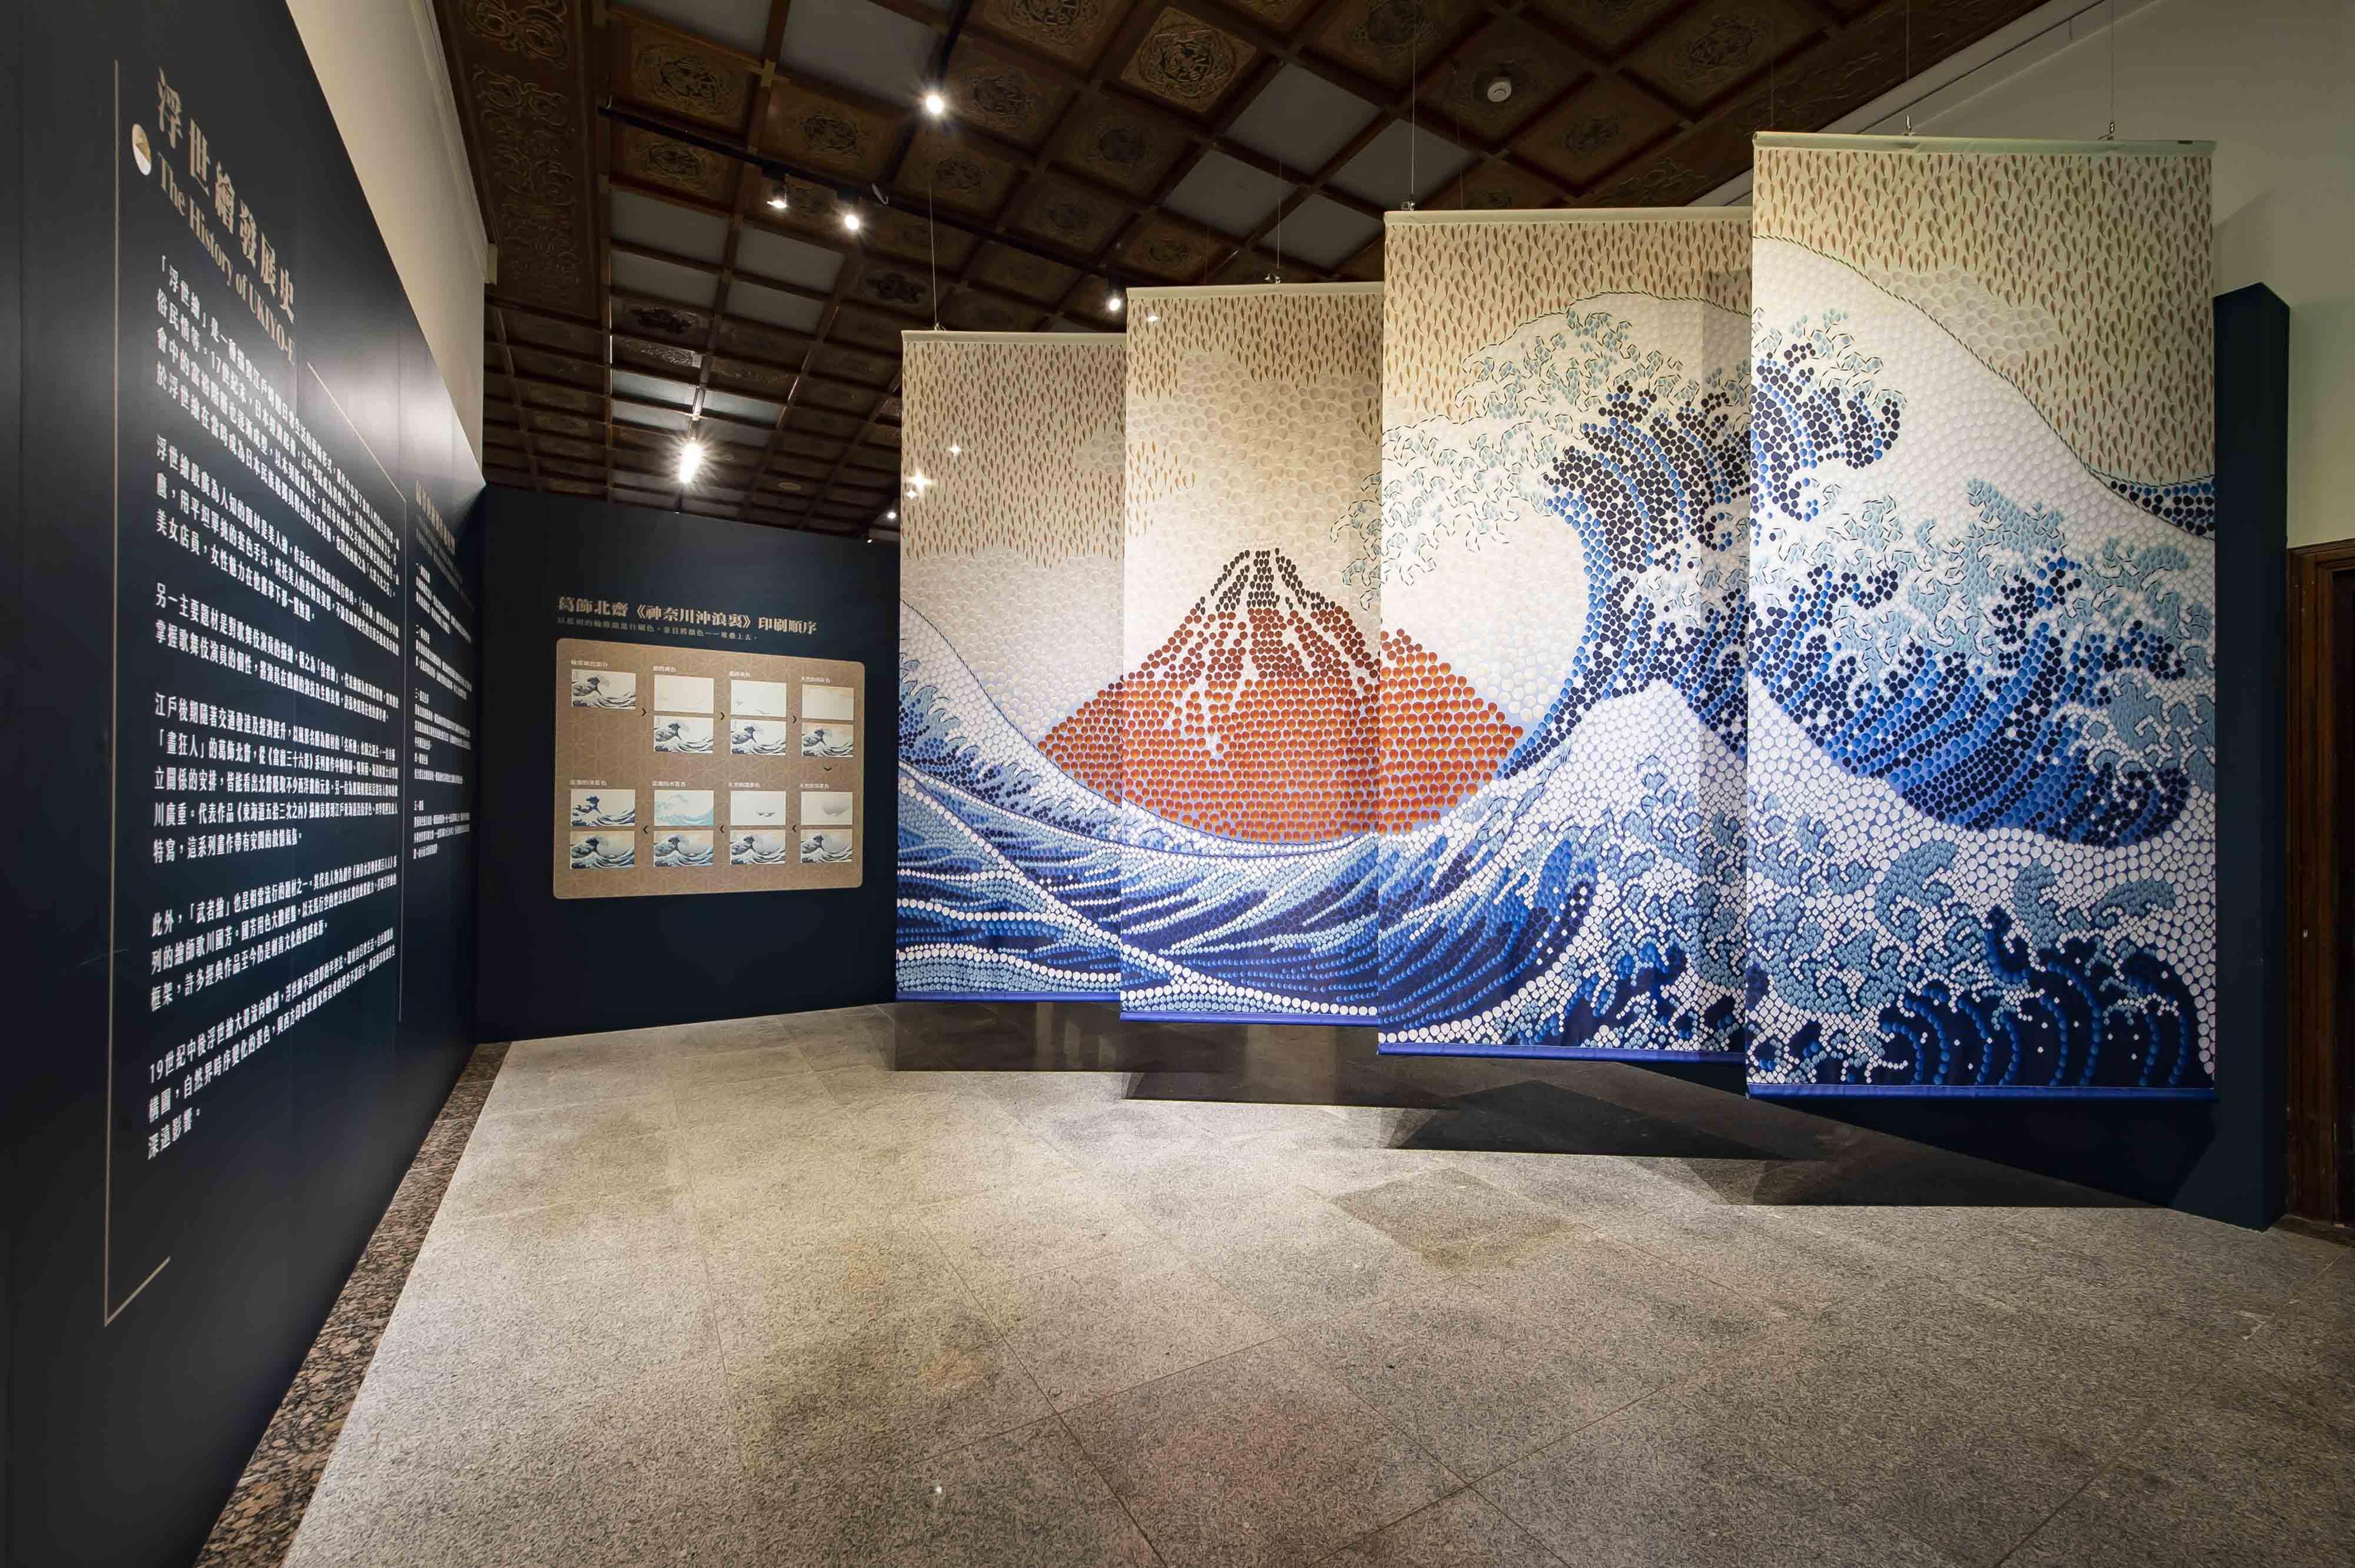 20200118-20200419江戶風華-五大浮世絵師展